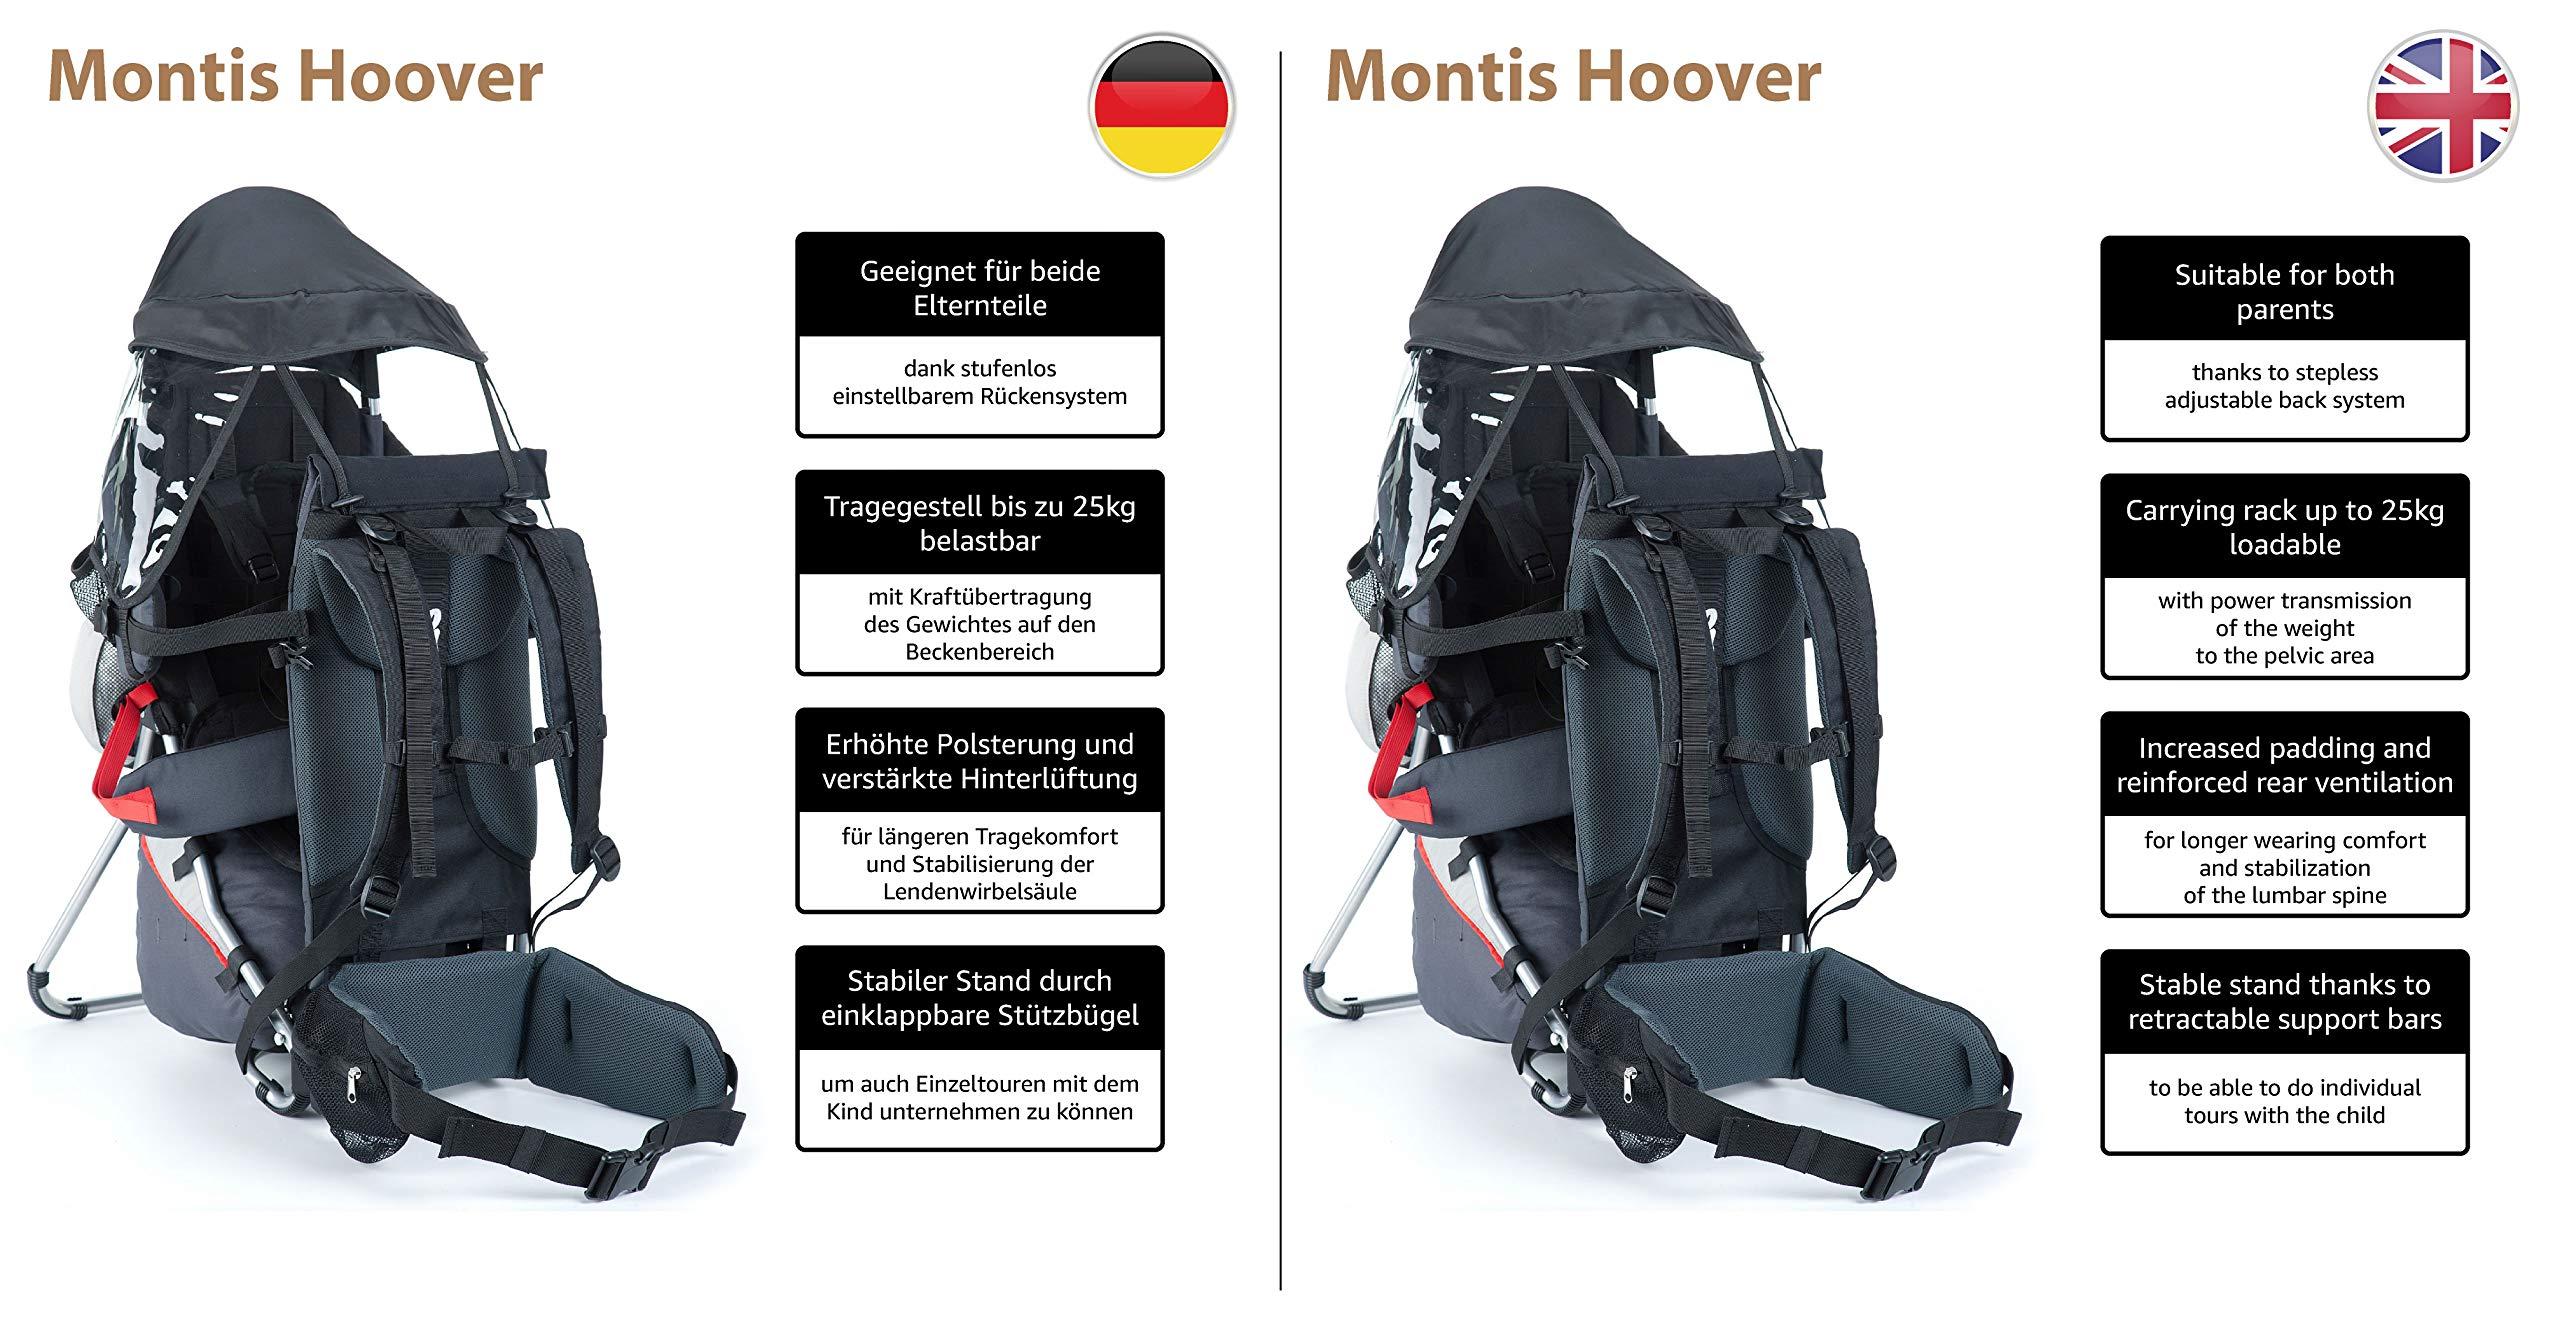 81JKQQqcokL - Montis Hoover - Mochila portabebés (carga máxima de 25 kg)